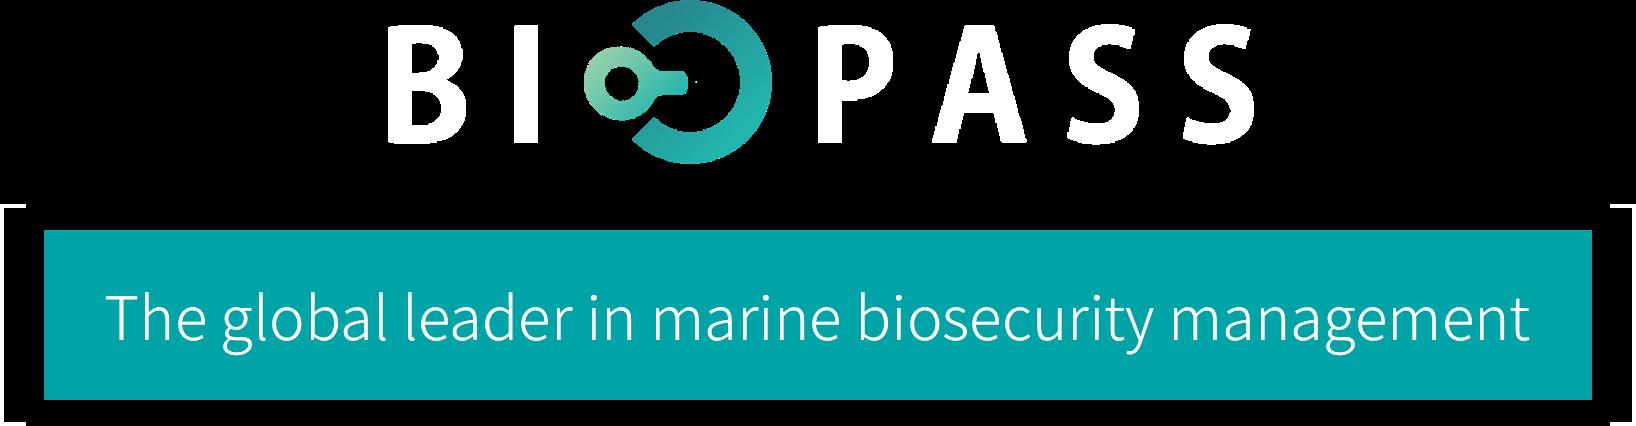 biopass title  (1).png